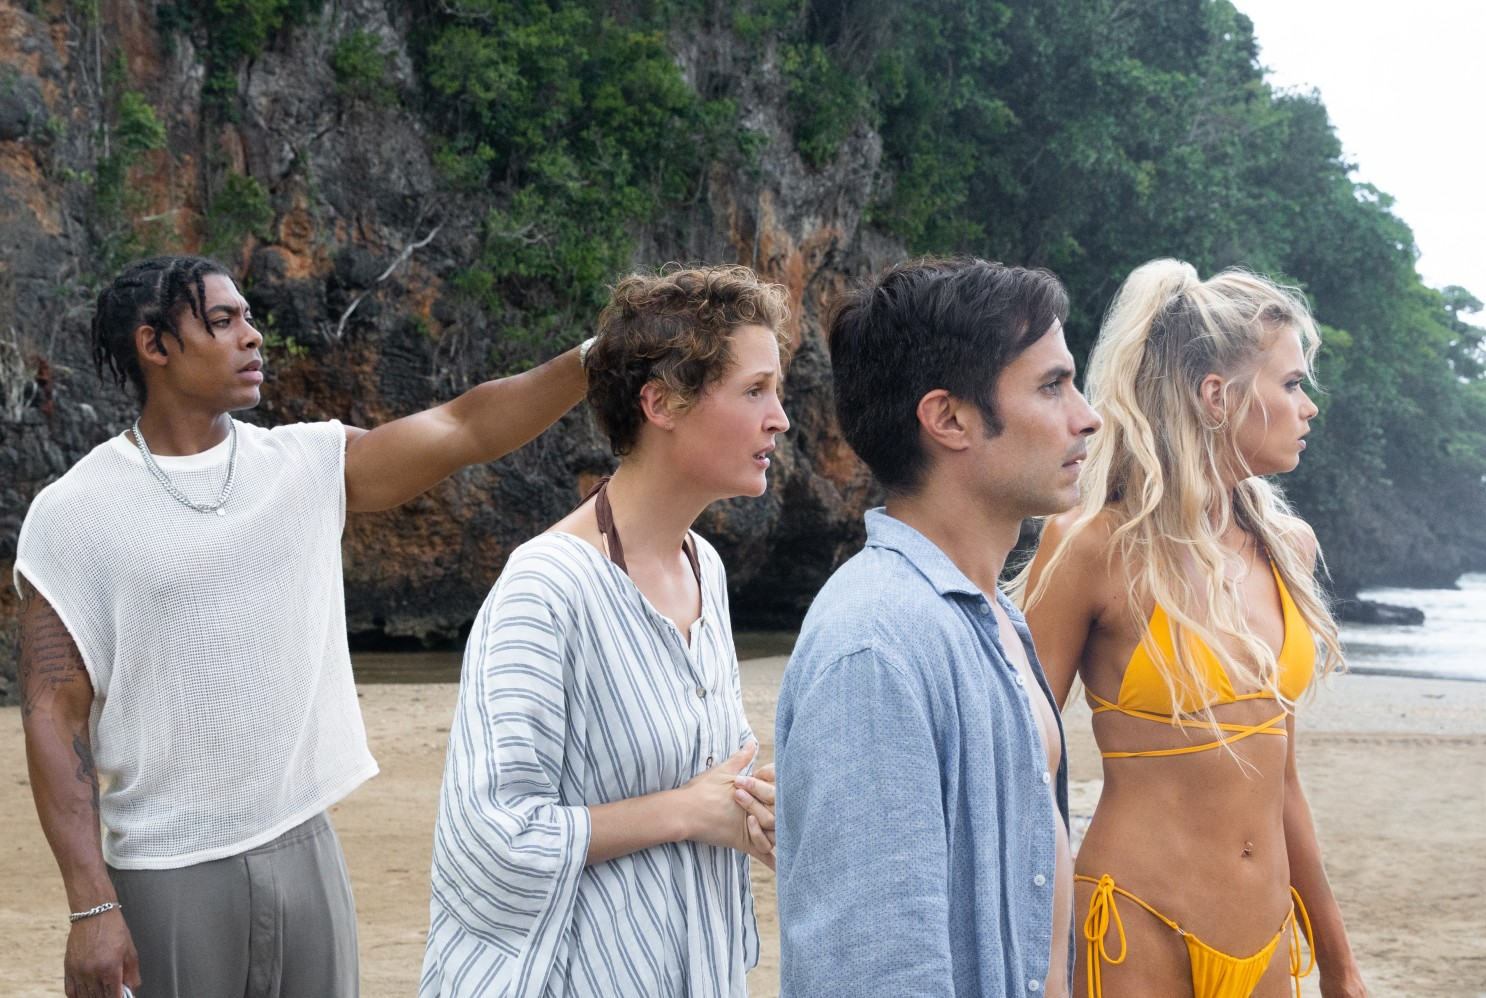 Cena do filme Tempo. A cena mostra 4 pessoas em uma praia de dia. Todos olham para o lado, em direção ao mar, com cara de medo.